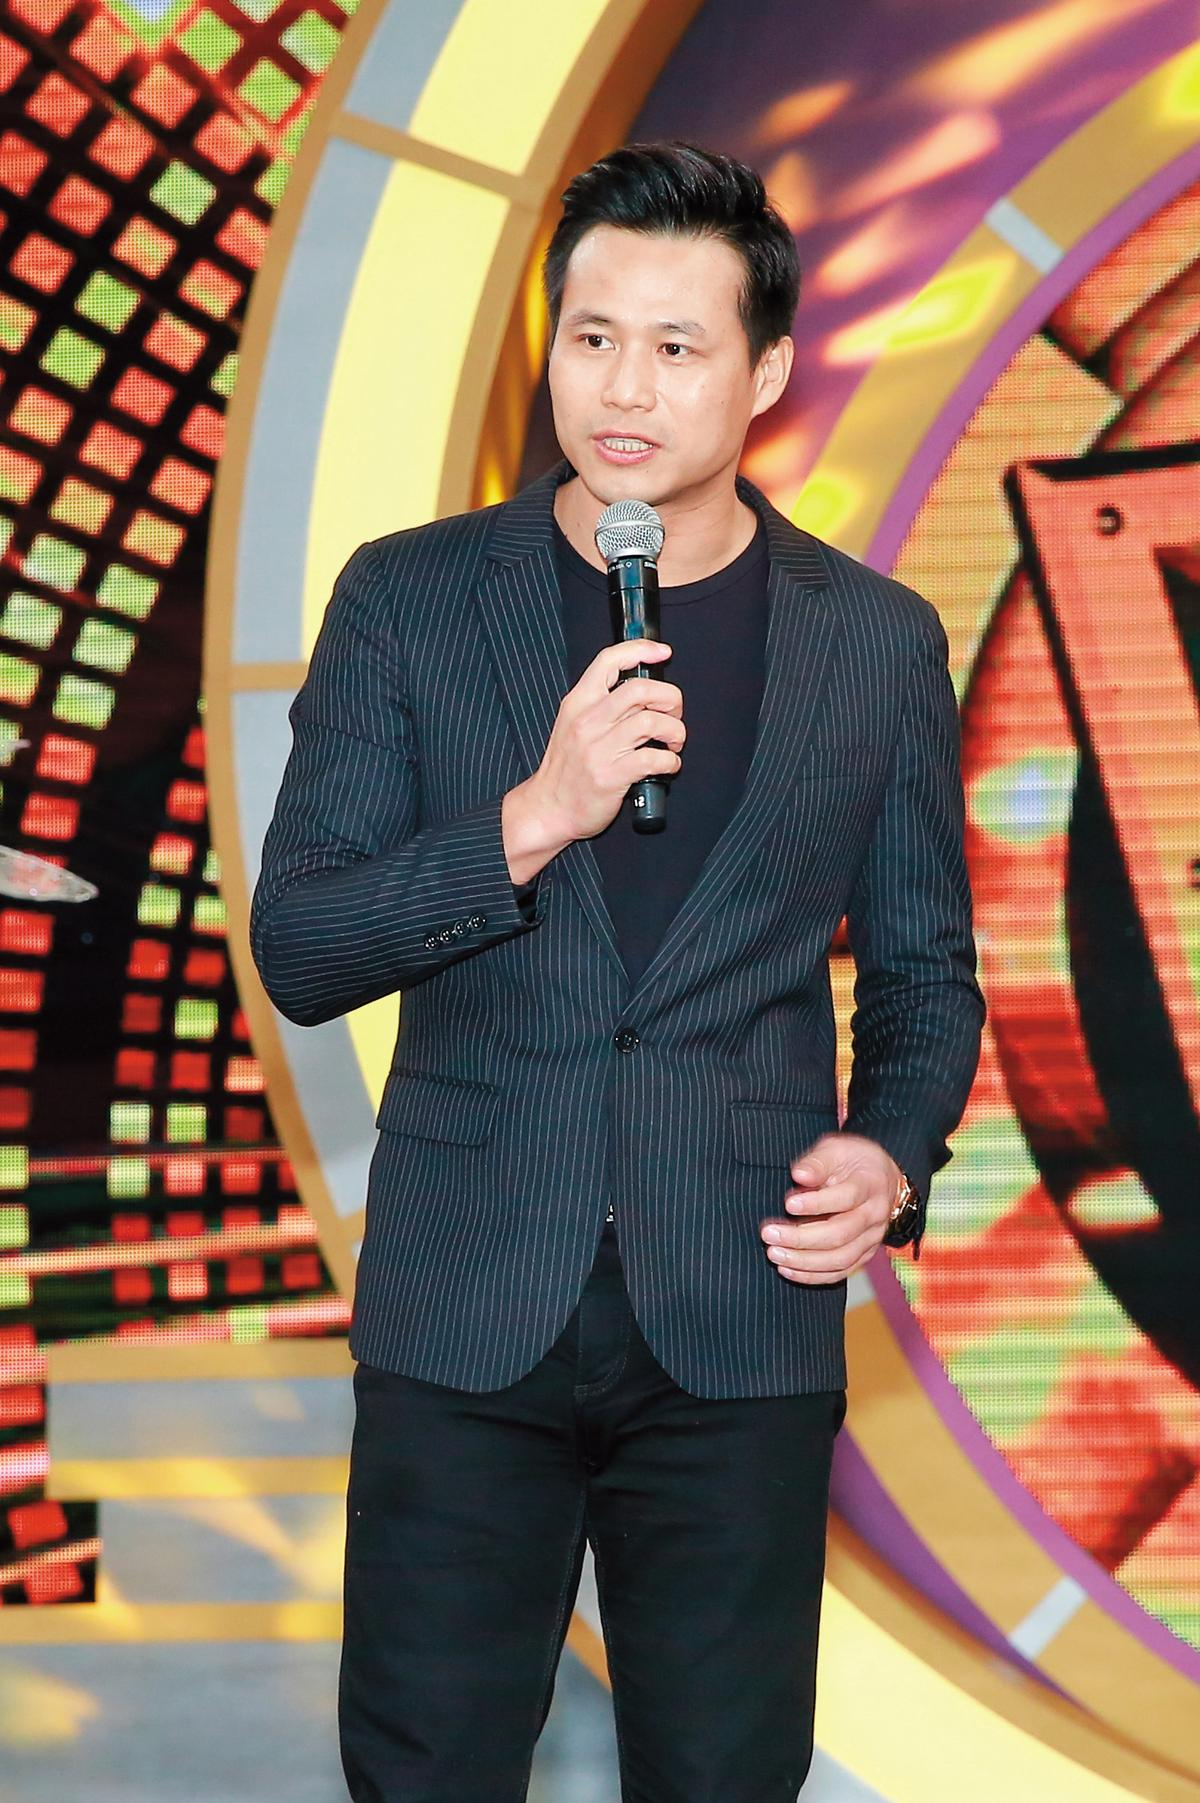 陳國華曾與彭佳慧相戀多年,兩人分手後不聯絡,現各自在不同領域打拚。